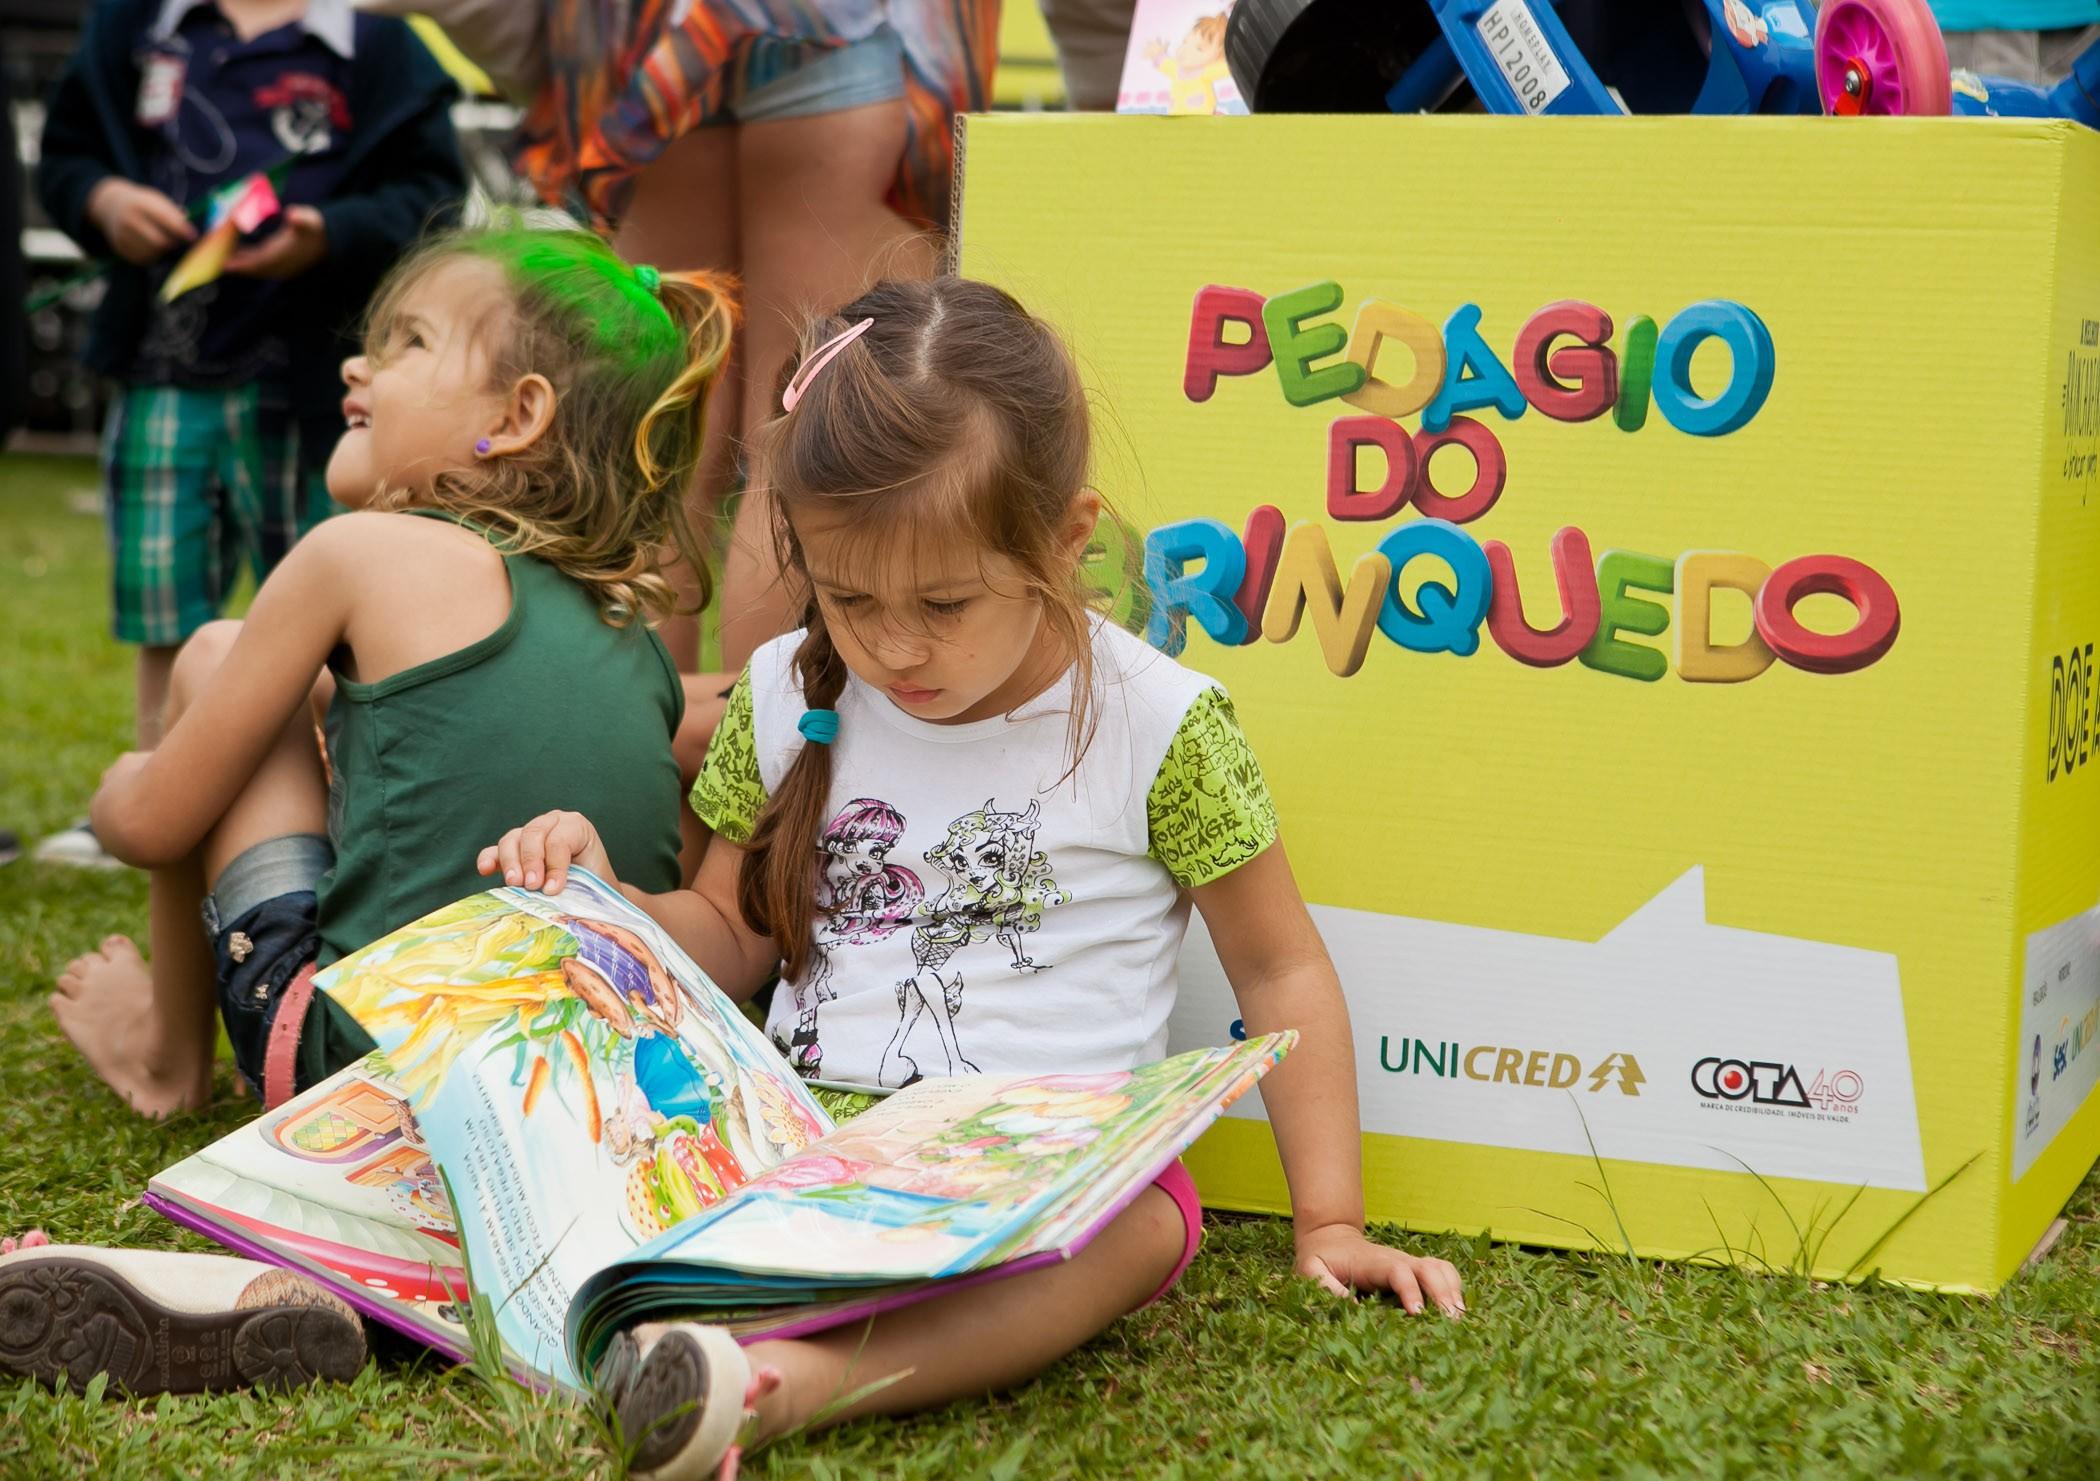 Atividades recreativas foram oferecidas gratuitamente (Foto: José Luiz Somensi/Divulgação)